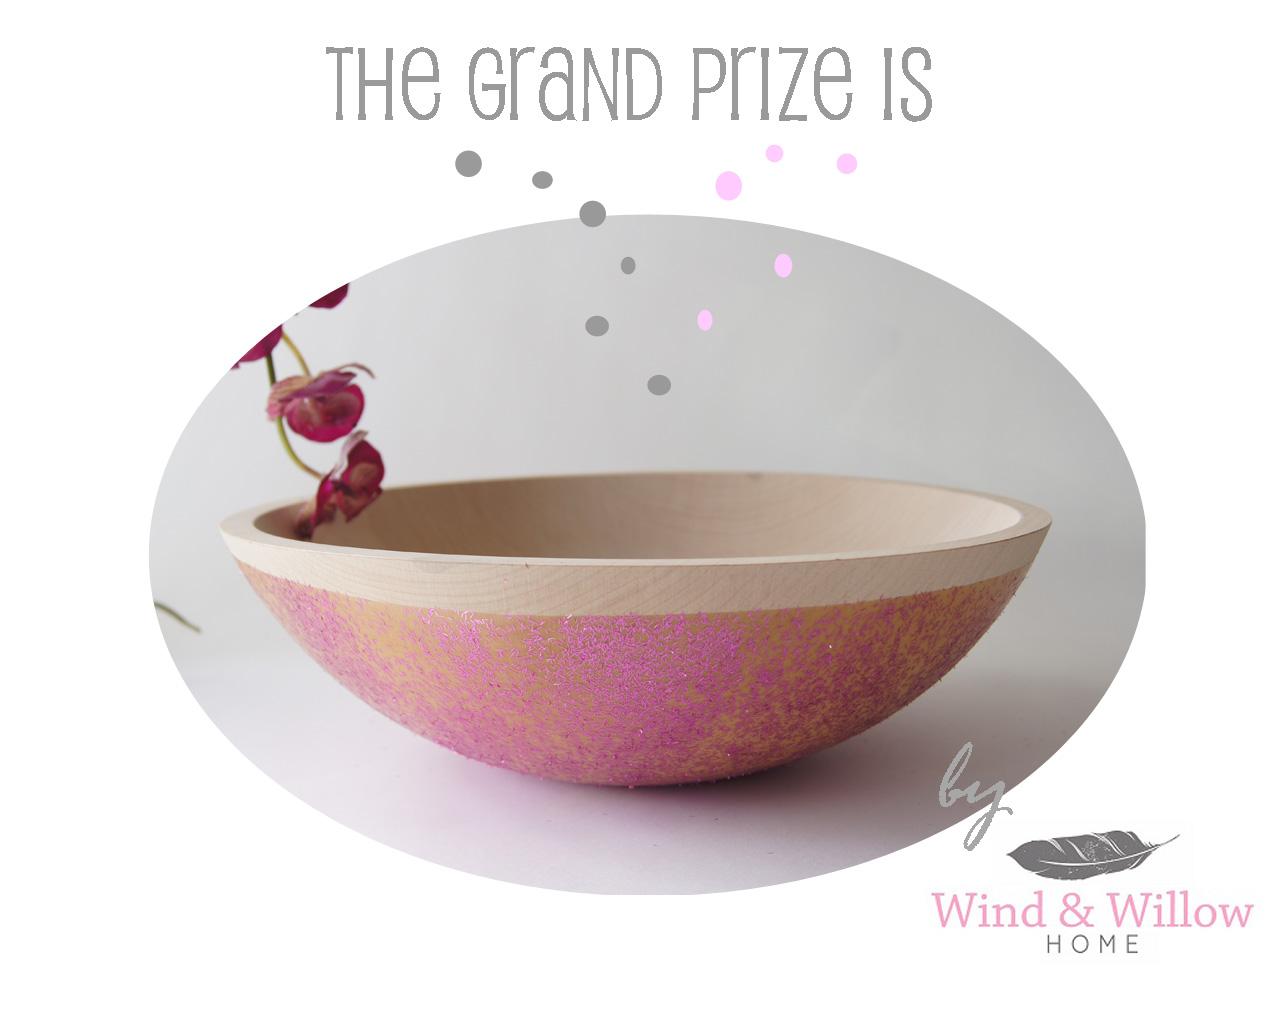 http://3.bp.blogspot.com/-_PcTaTklNw0/URvo3hLDw3I/AAAAAAAAA5w/1yoQ6N8xOHI/s1600/Pin+to+Win+Sparkle+Bowl.jpg